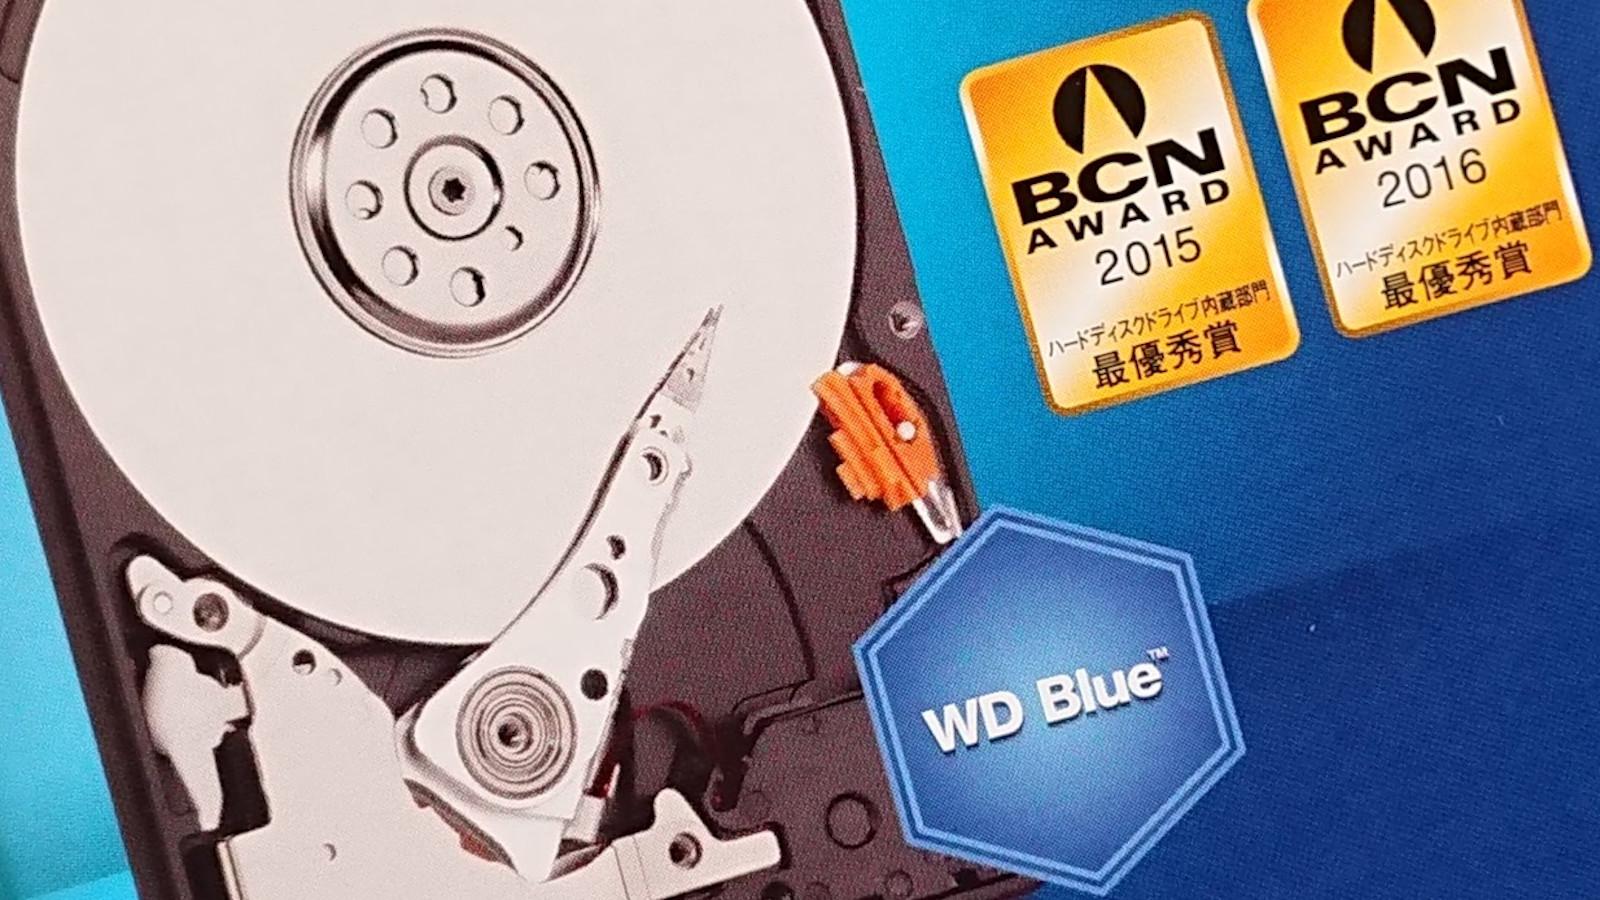 お手軽簡単!2.5インチHDDで外付けバックアップドライブを作ろう